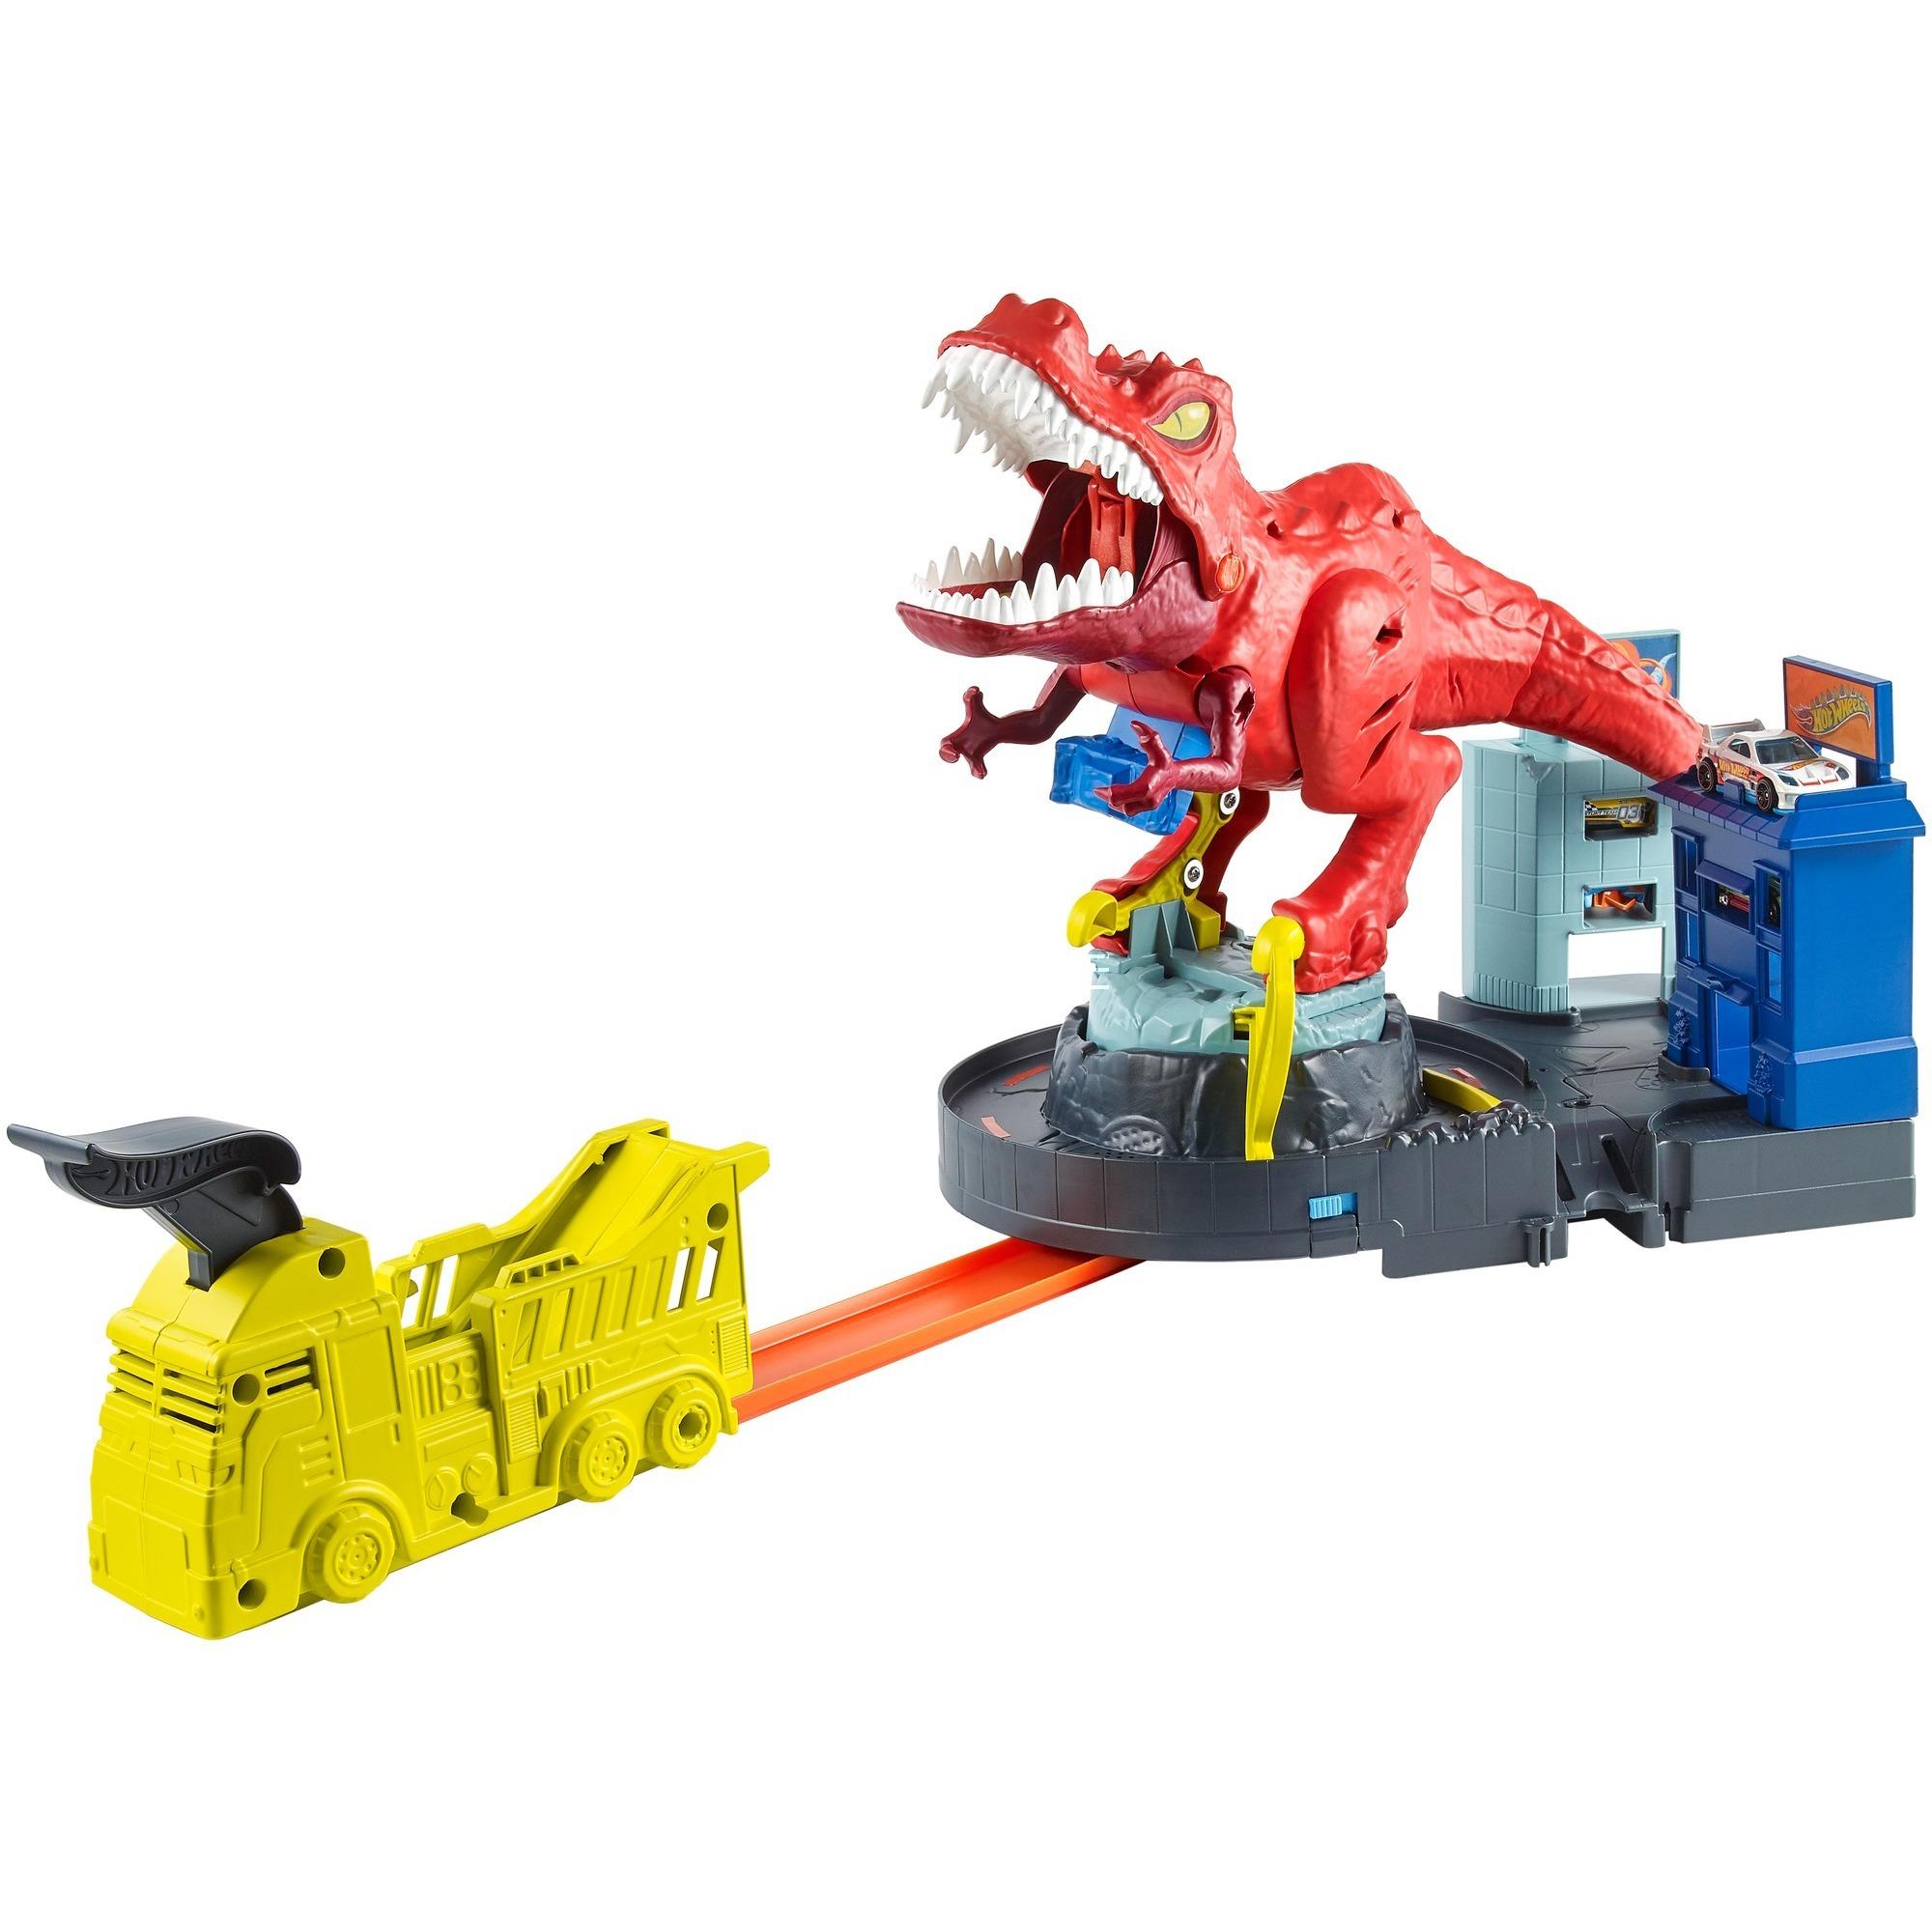 GFH88 set de juguetes, Juego de construcción